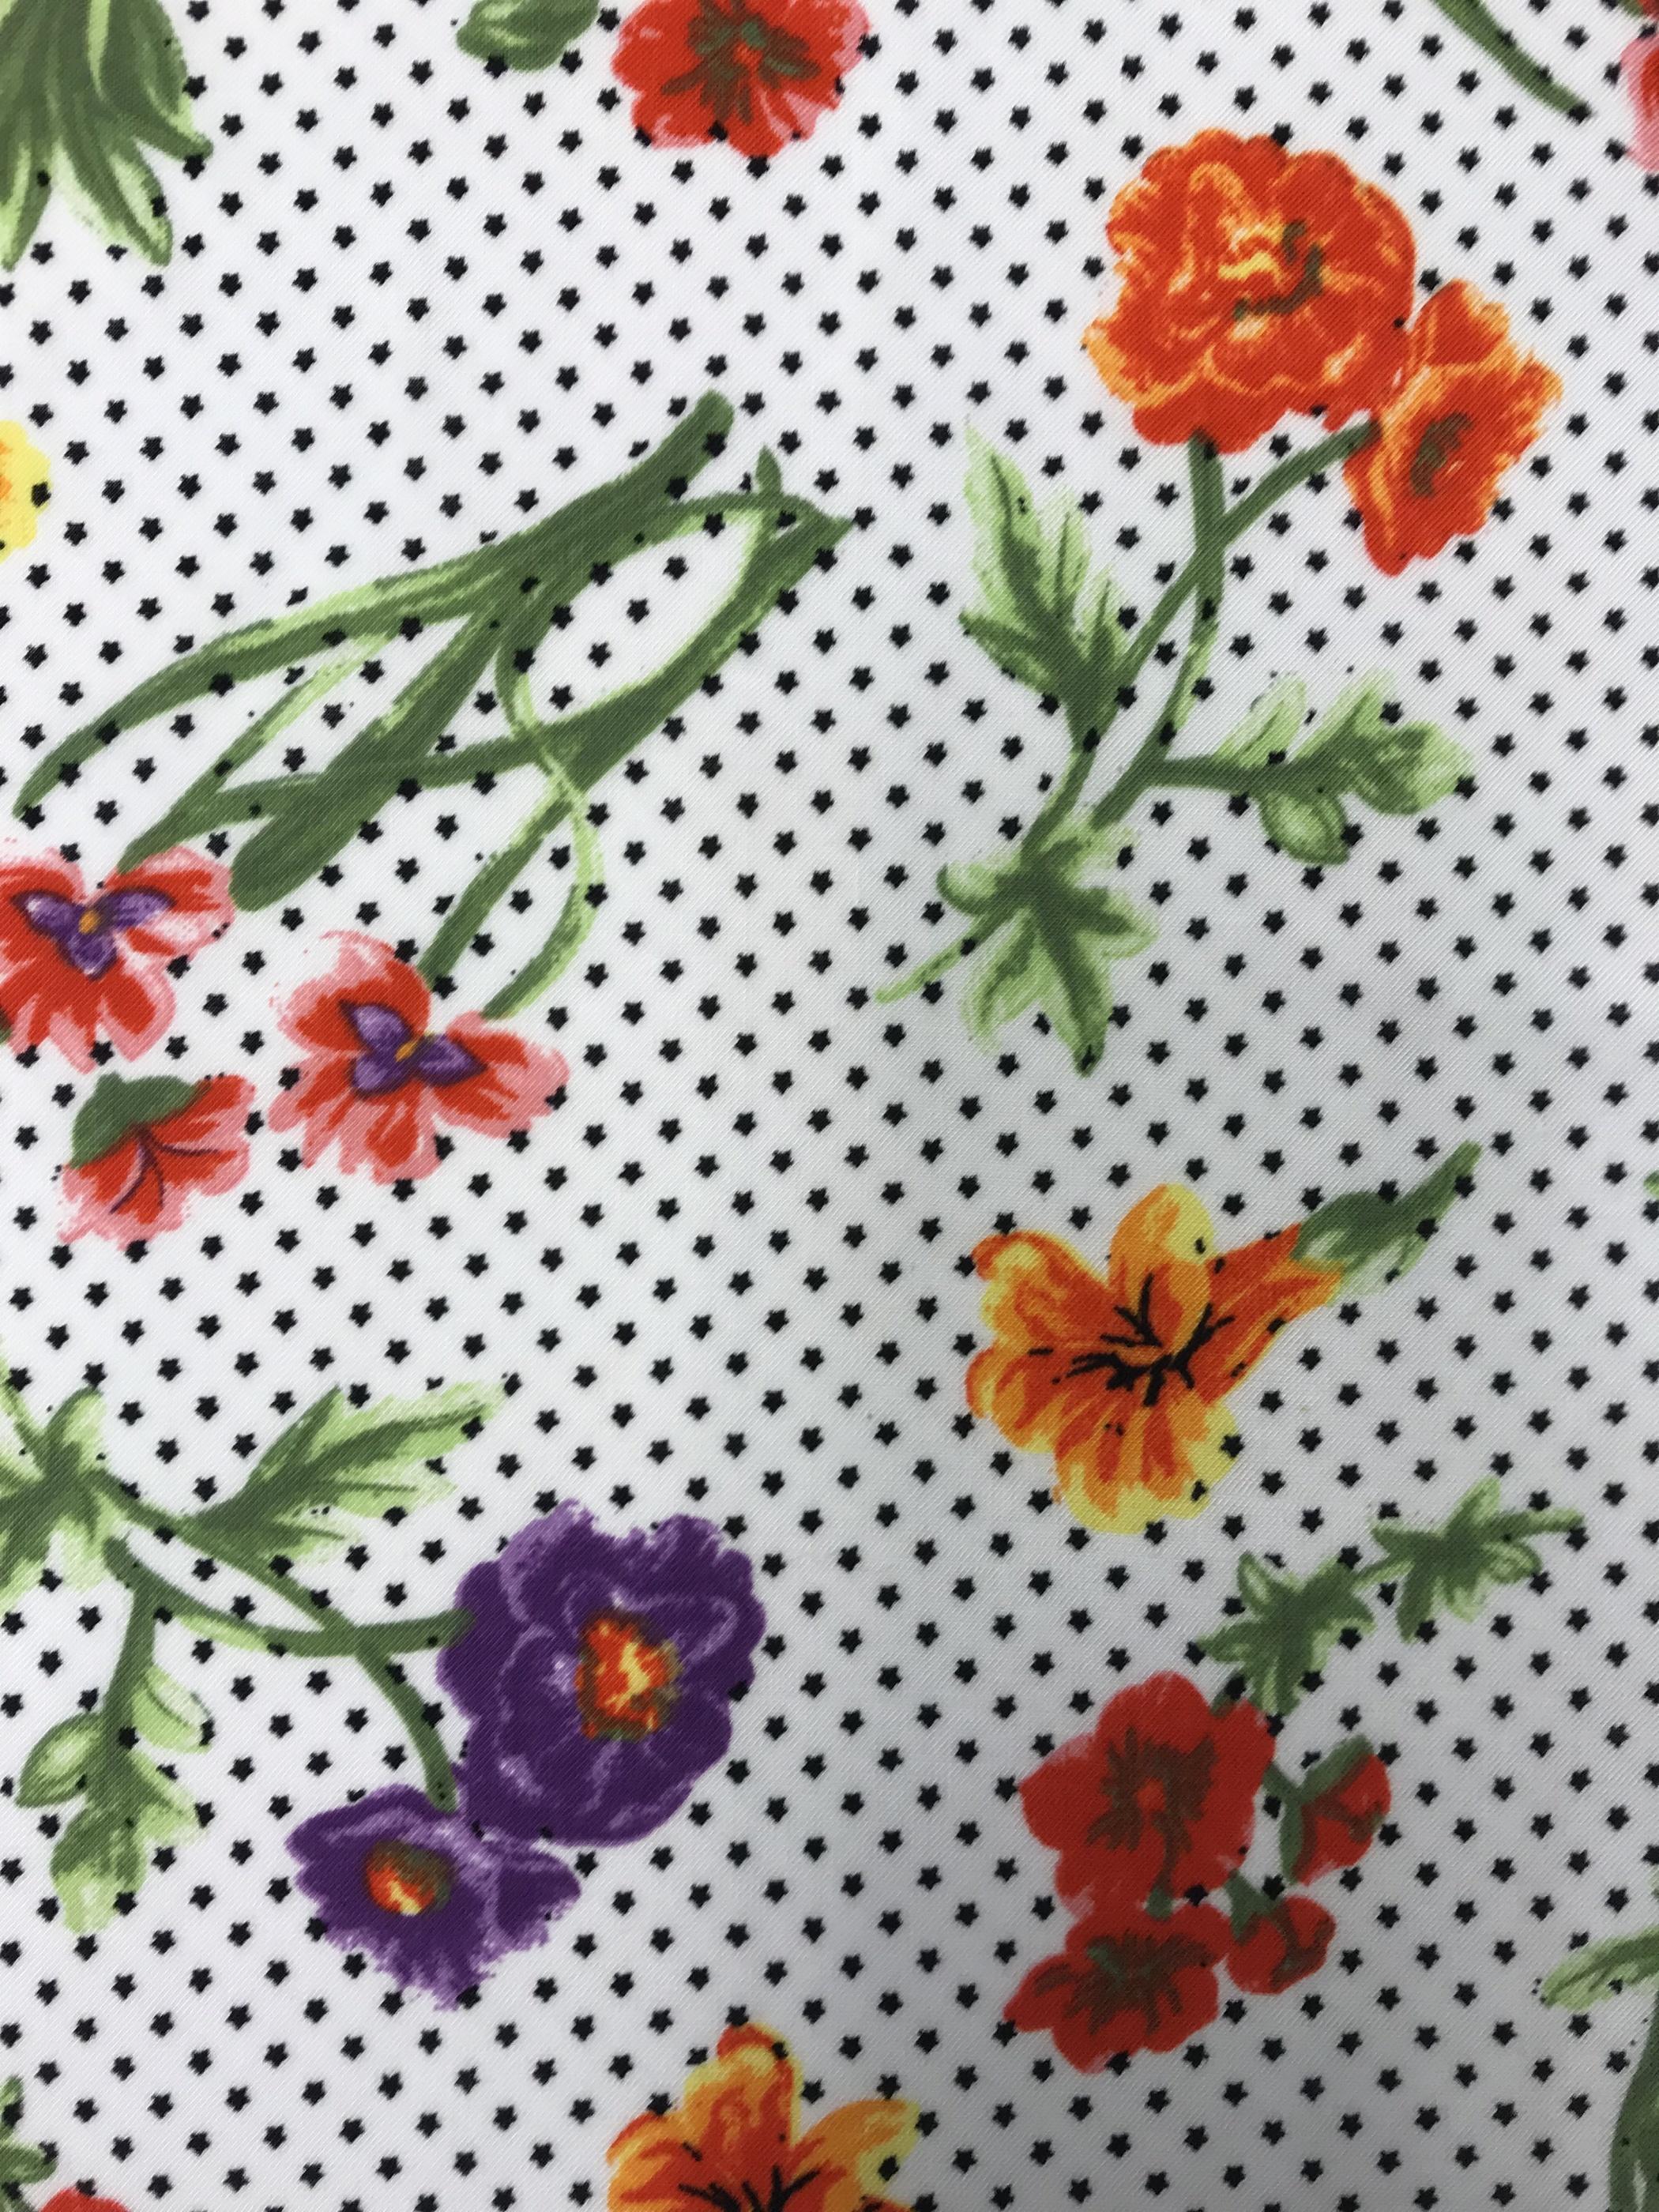 Sommarblom blommor prickar tyg metervara viskos mode